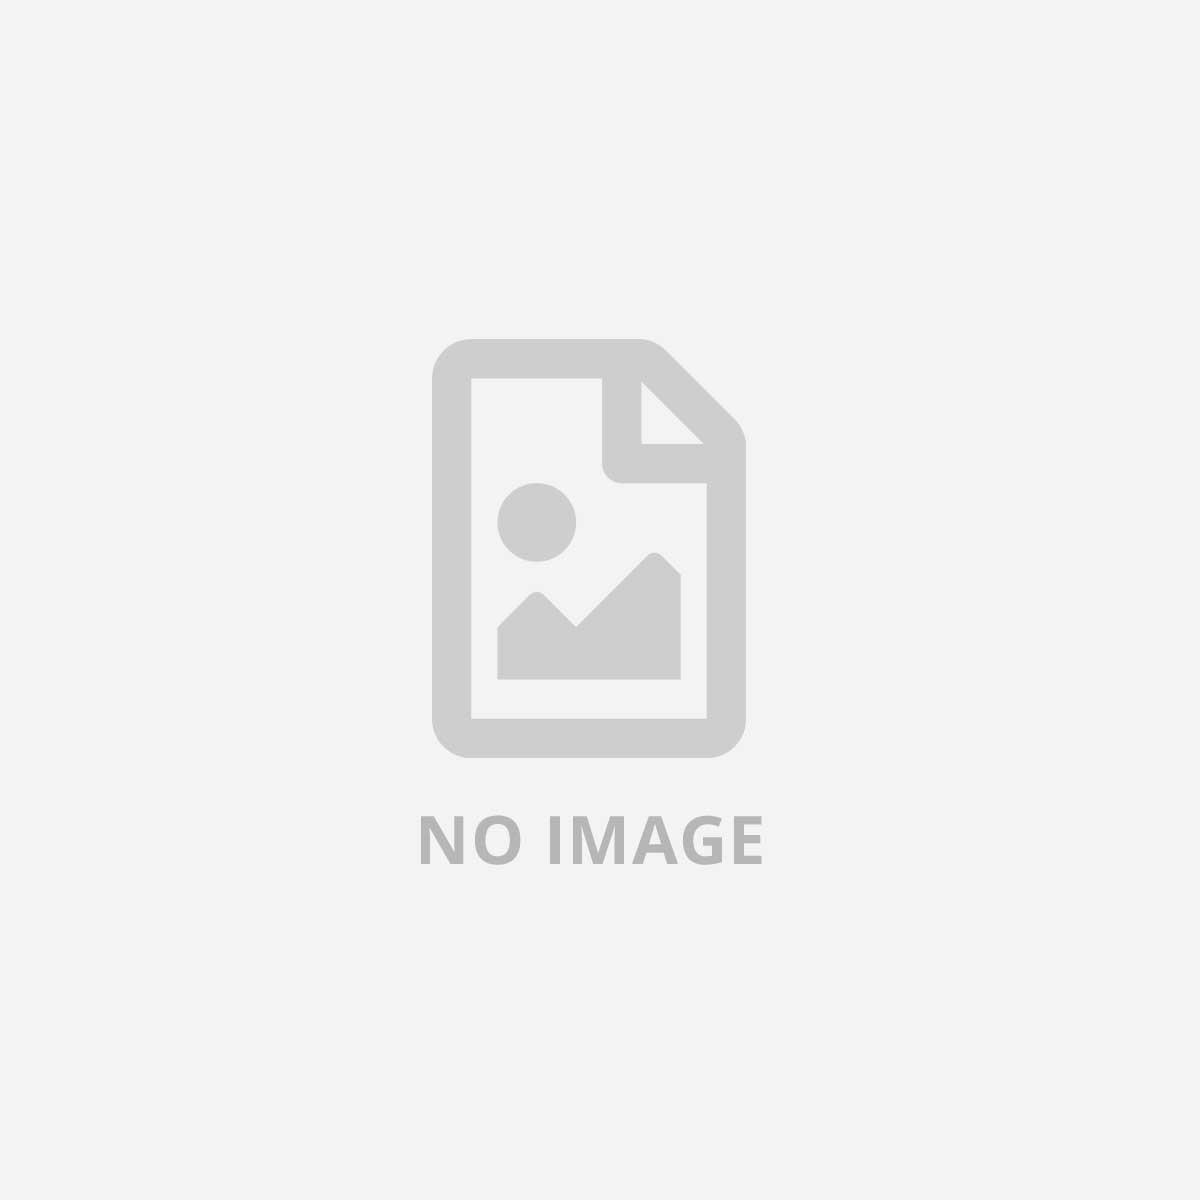 WESTERN DIGITAL HDD 3.5 500GB WD BLUE SATA3 (DK)